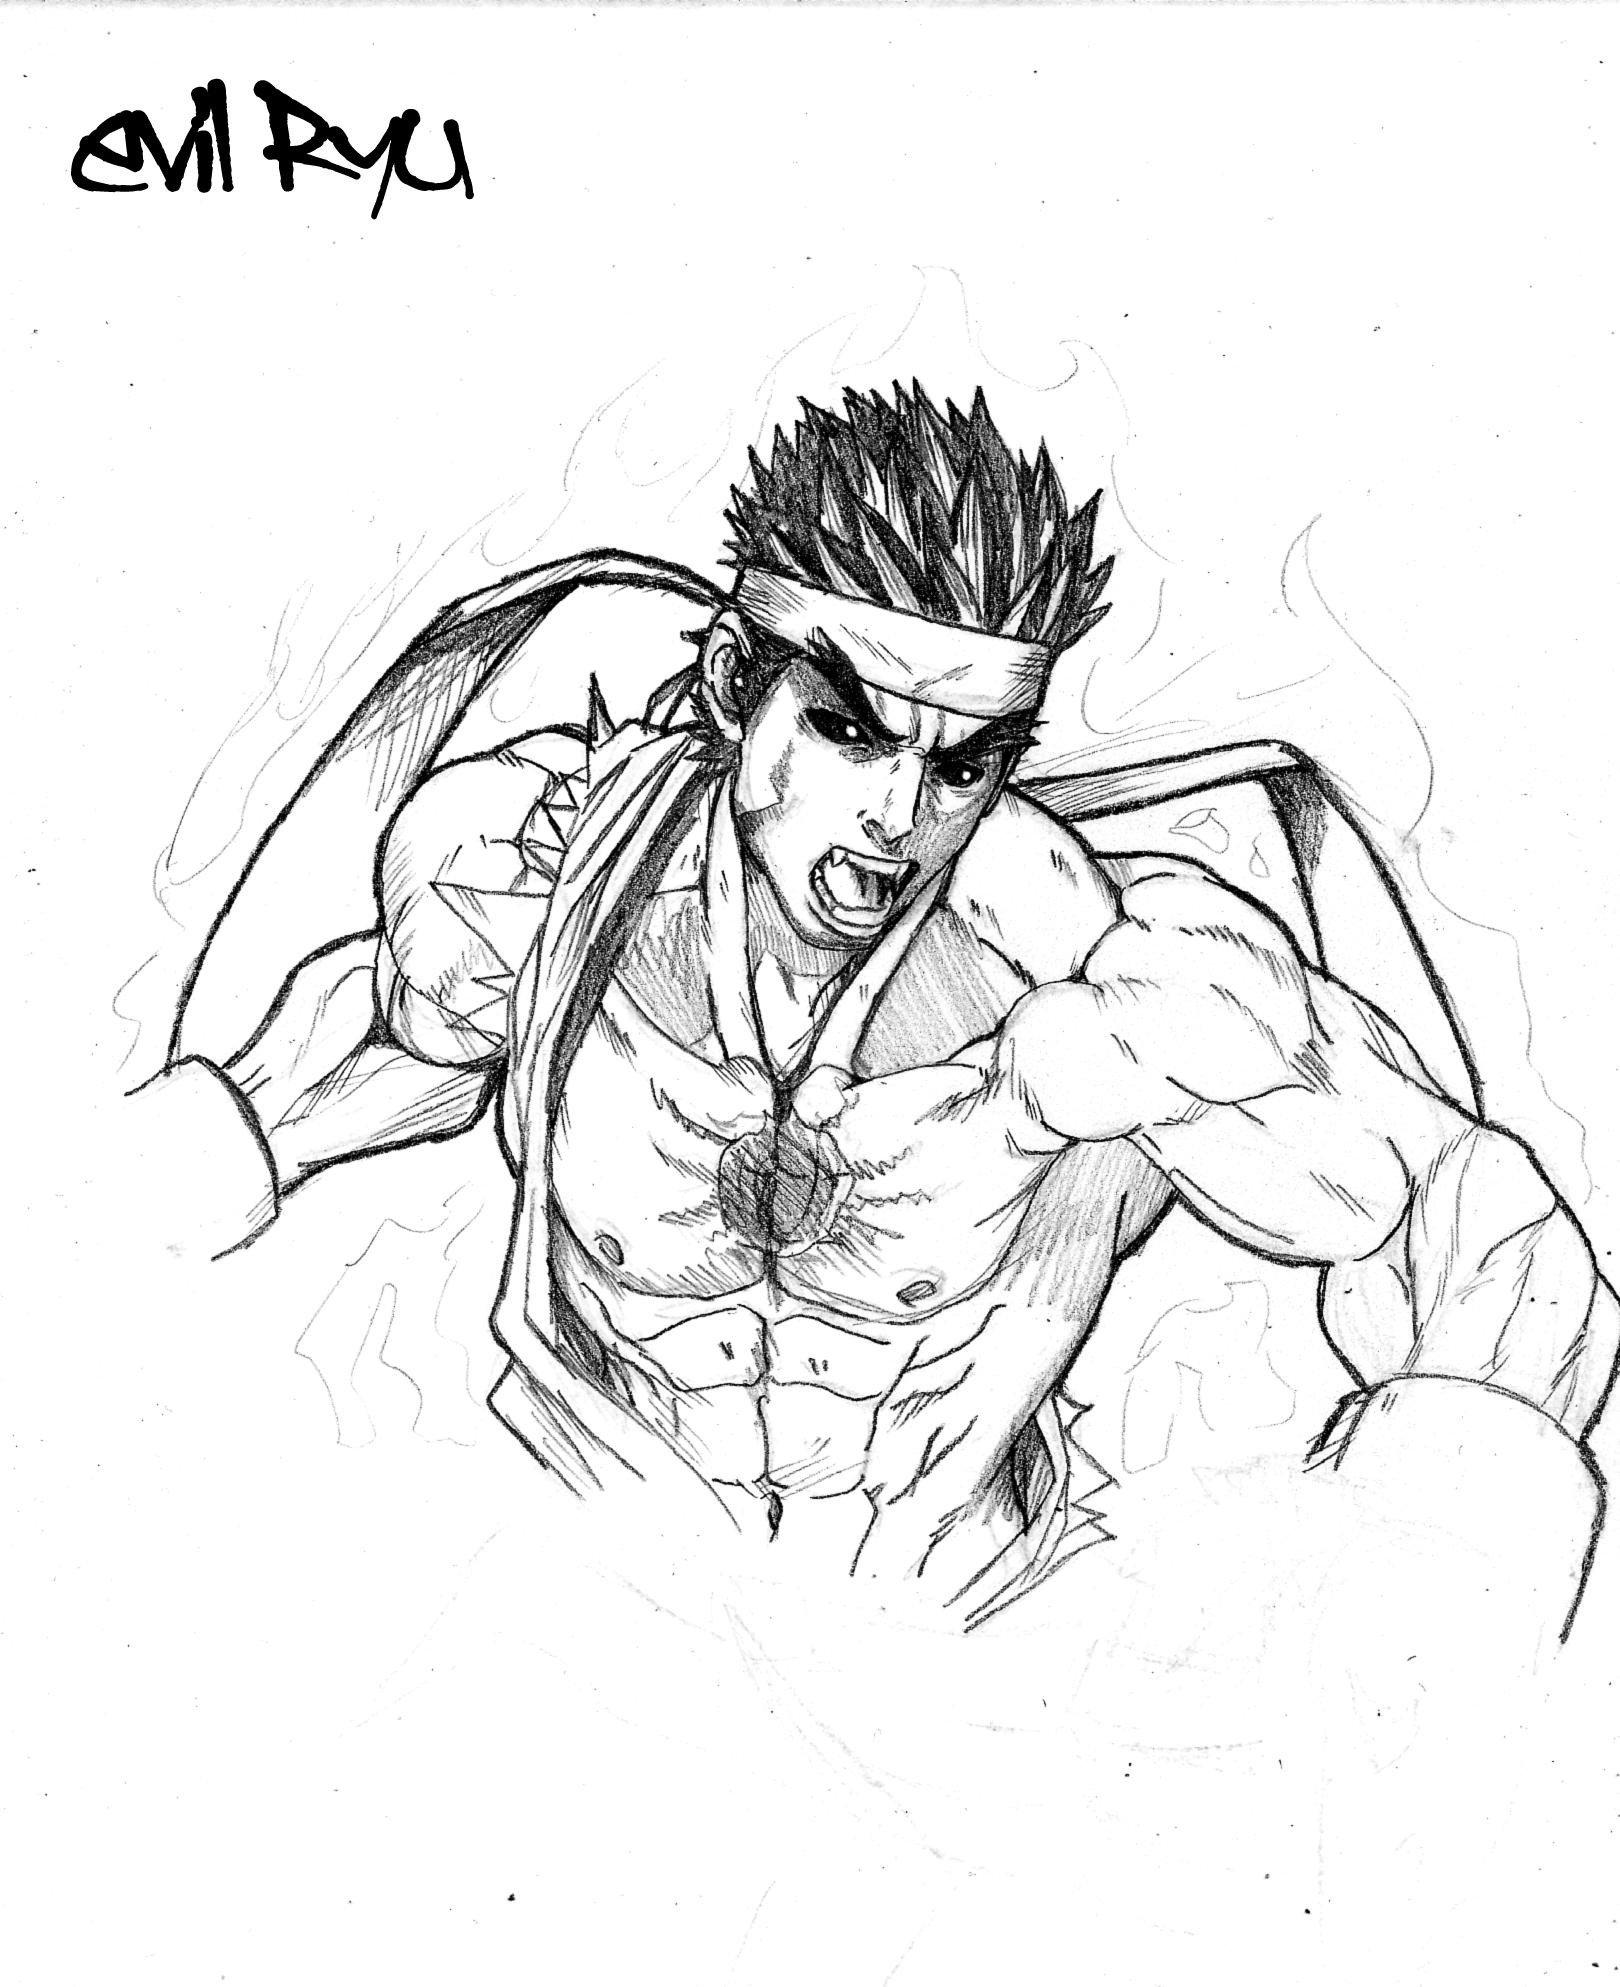 Capcom-Sf4-Evil ryu